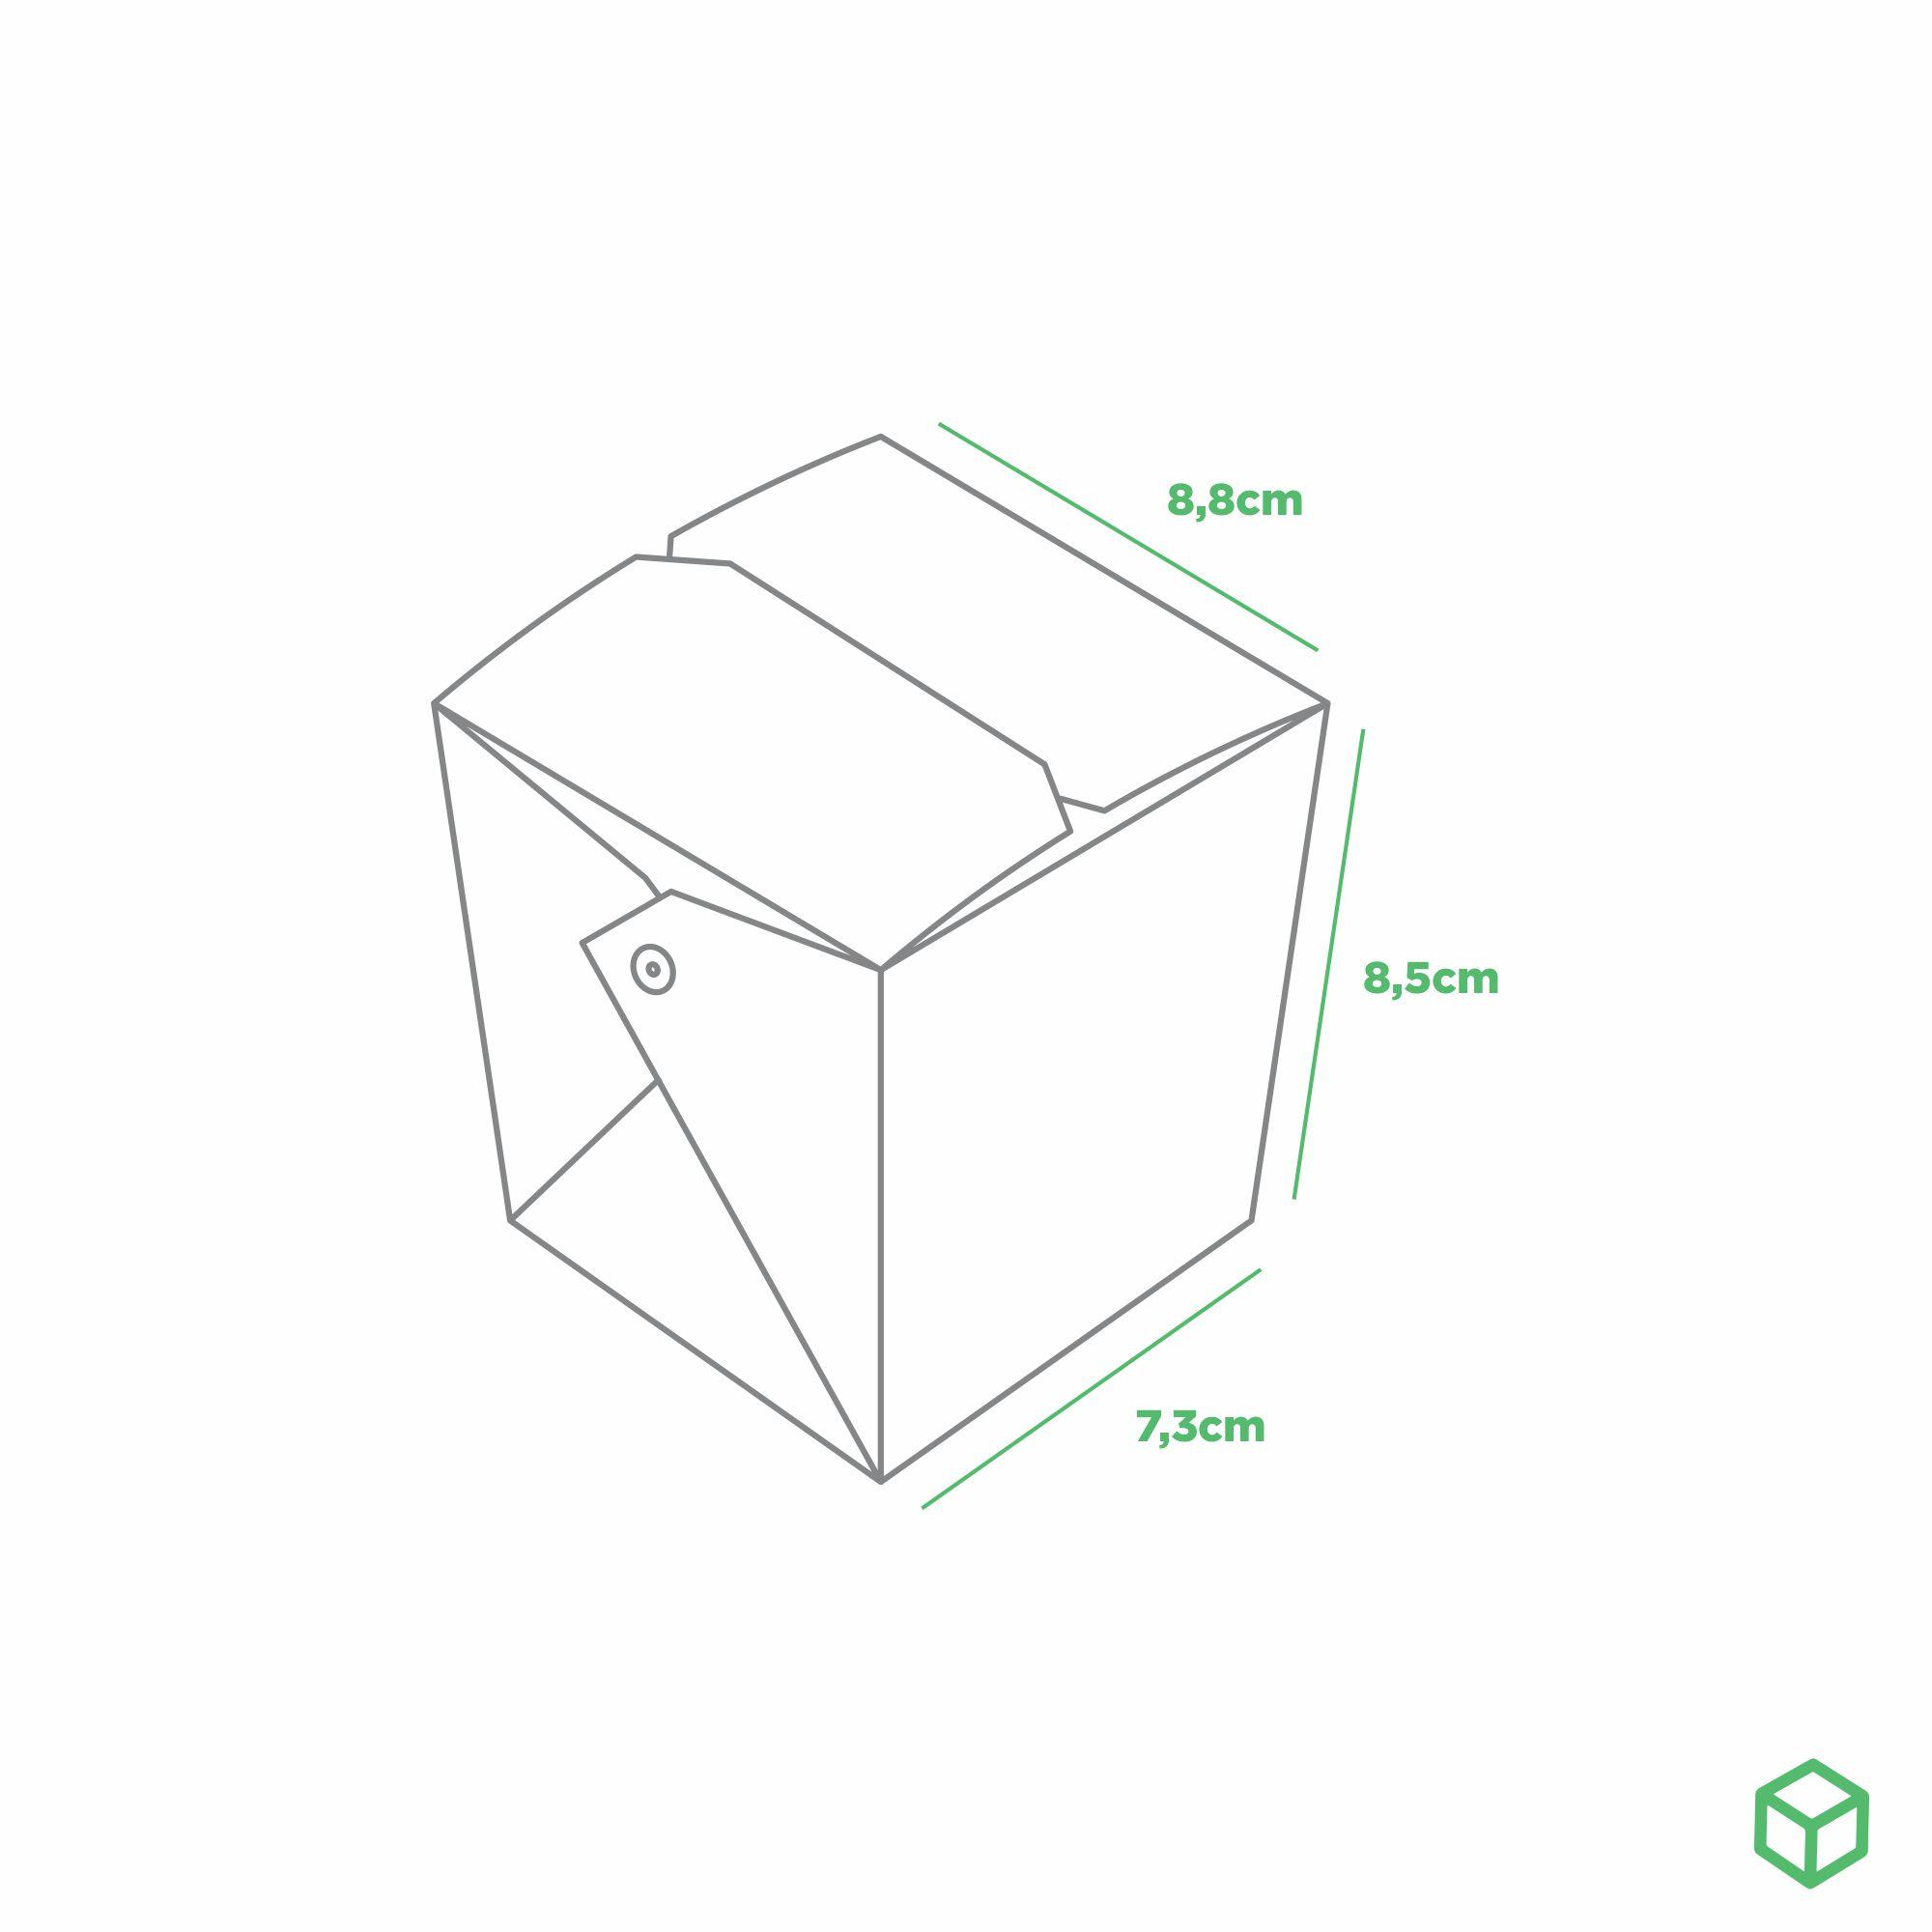 EMBALAGEM CAIXA BOX POSIBOX PEQUENA COM PRESILHA ORIENTAL - DOURADO - ESPECIAL PARA VOCÊ - 100 UN